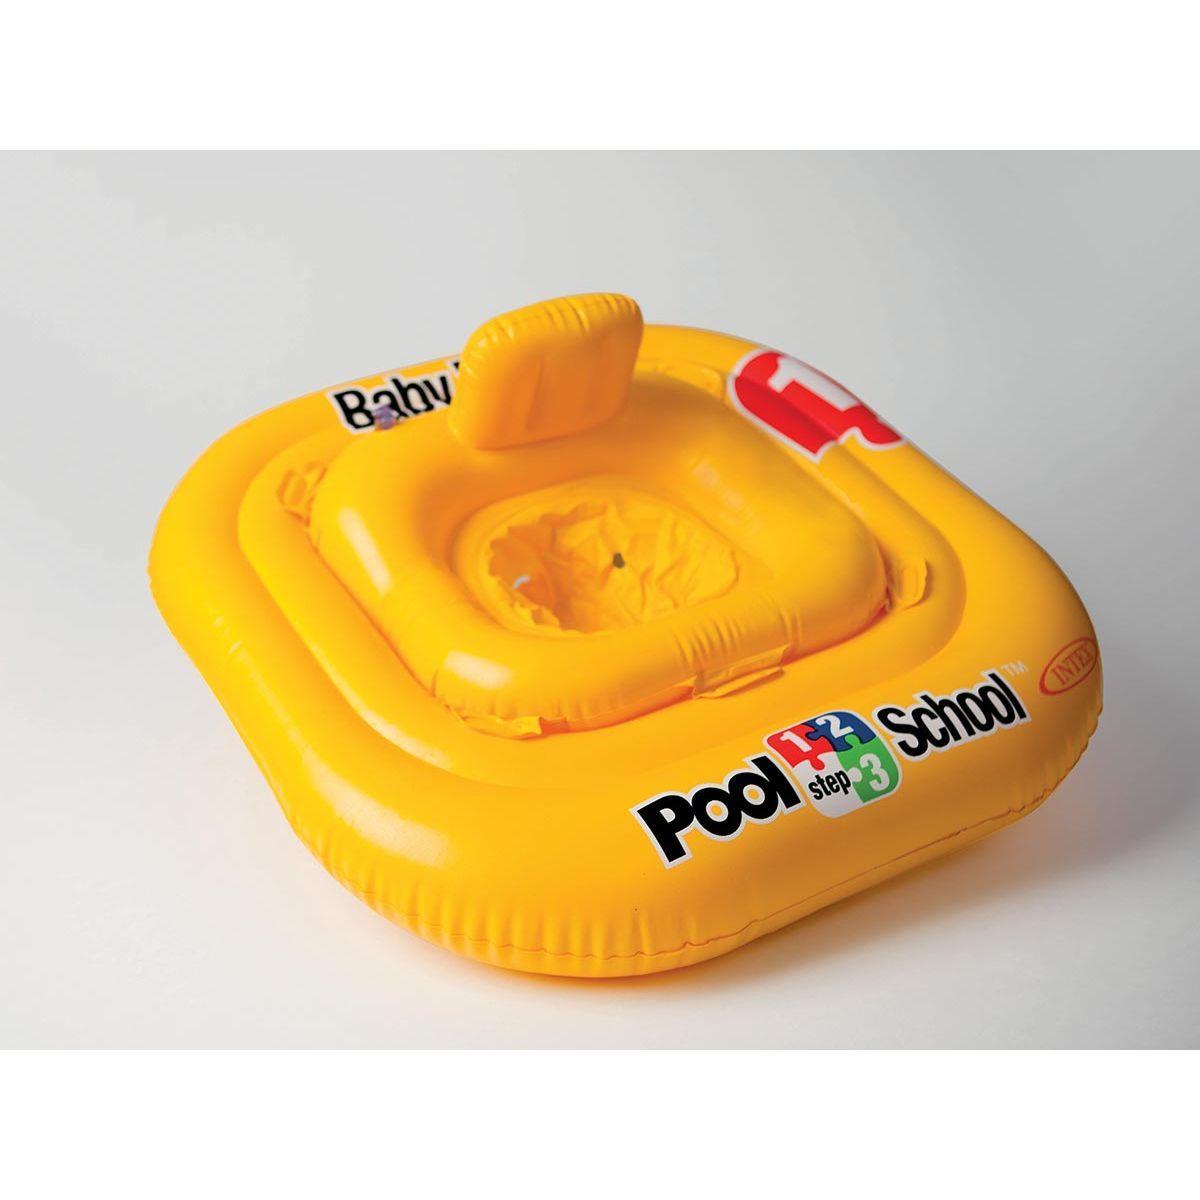 Bouee Culotte Pool School 1 Bouee Piscine Jeux D Eau Et Bouee Bebe